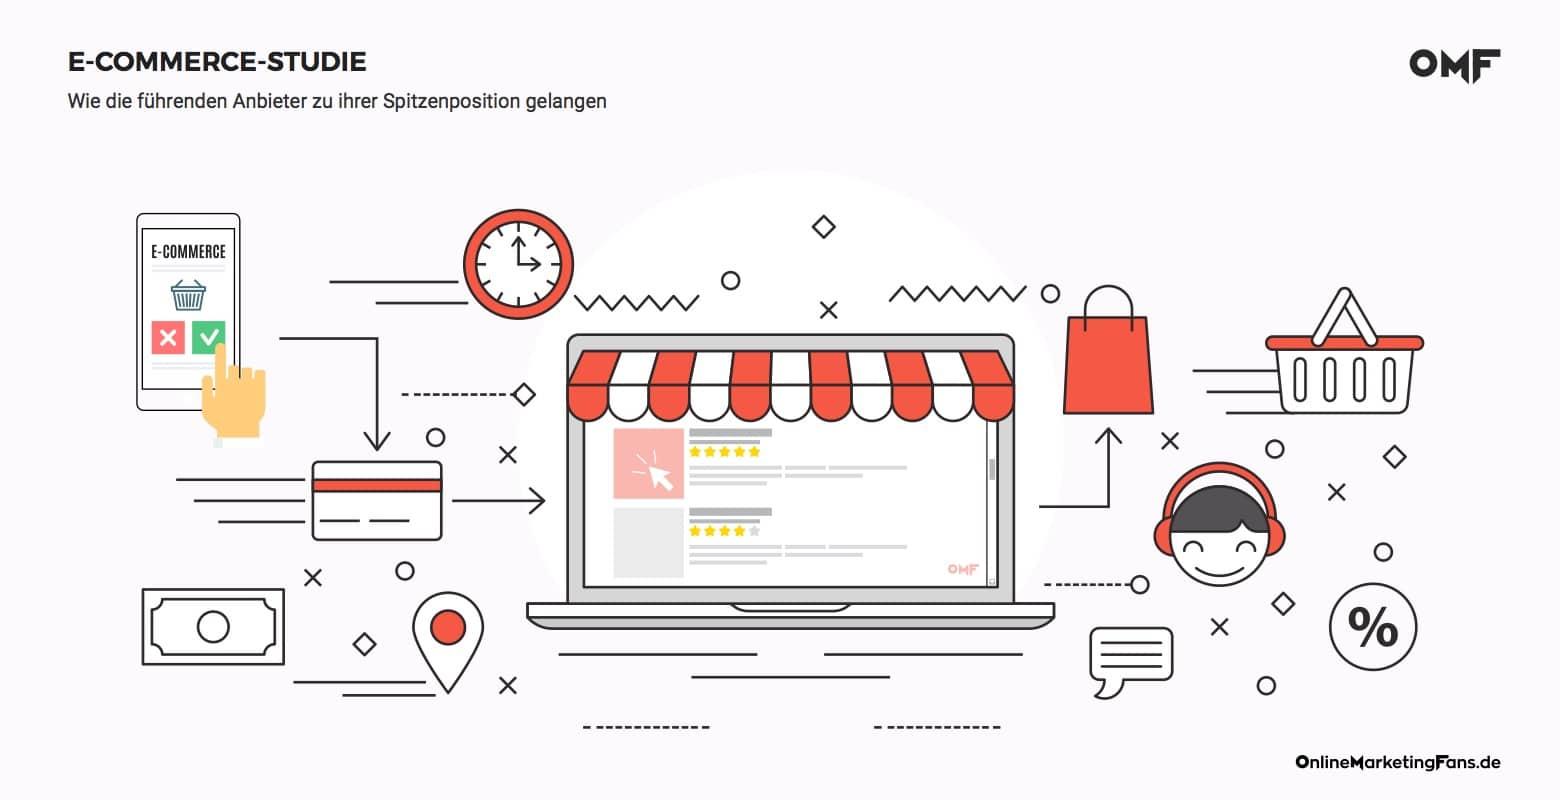 E-Commerce-Studie-Erfolgreiche-Marketingstrategie-Semrush